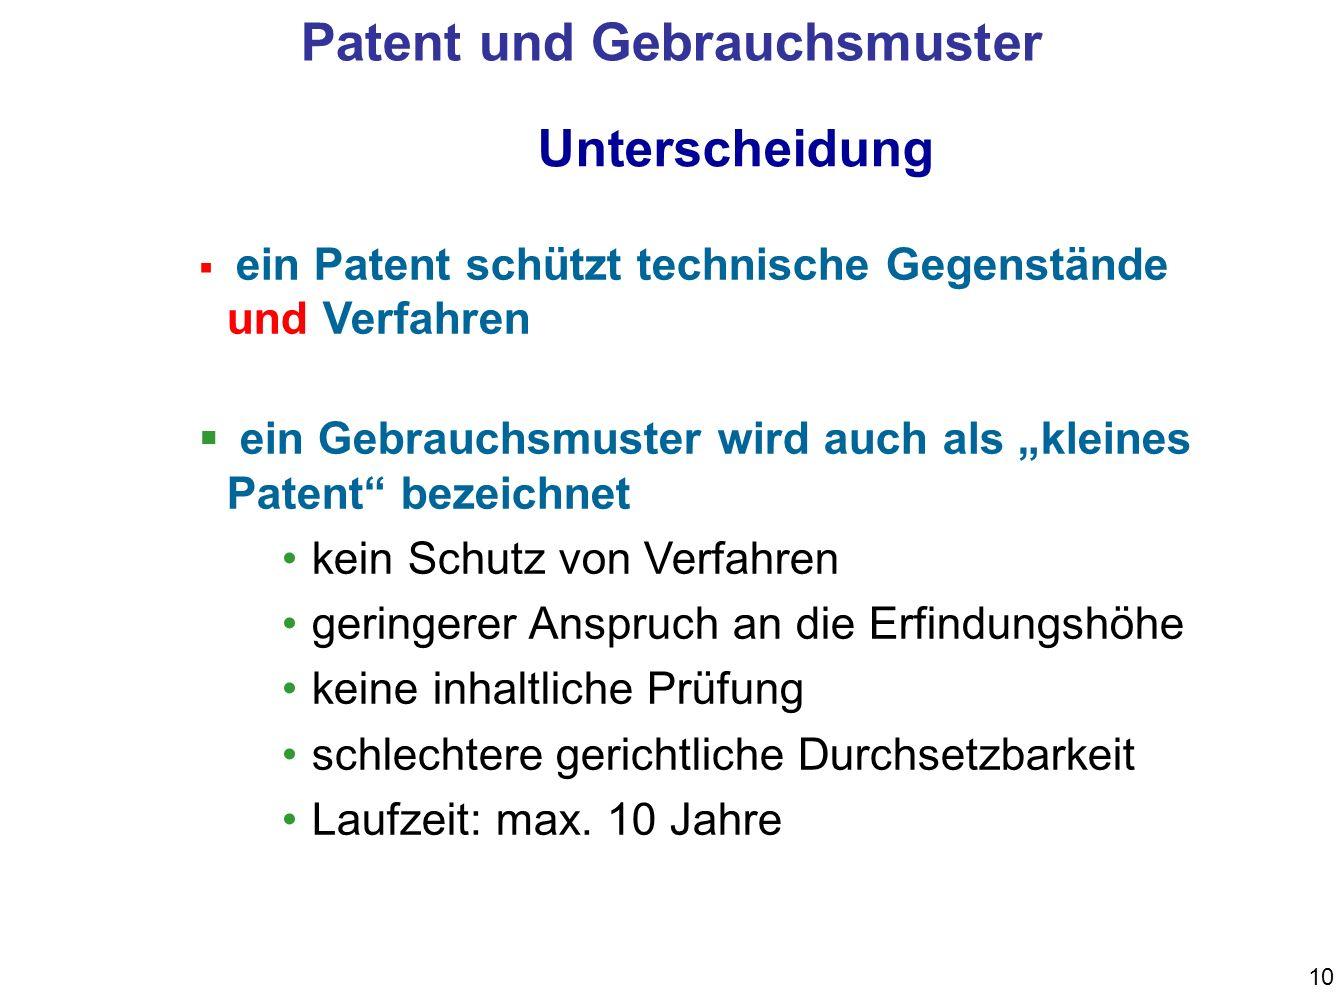 10 Unterscheidung ein Patent schützt technische Gegenstände und Verfahren ein Gebrauchsmuster wird auch als kleines Patent bezeichnet kein Schutz von Verfahren geringerer Anspruch an die Erfindungshöhe keine inhaltliche Prüfung schlechtere gerichtliche Durchsetzbarkeit Laufzeit: max.